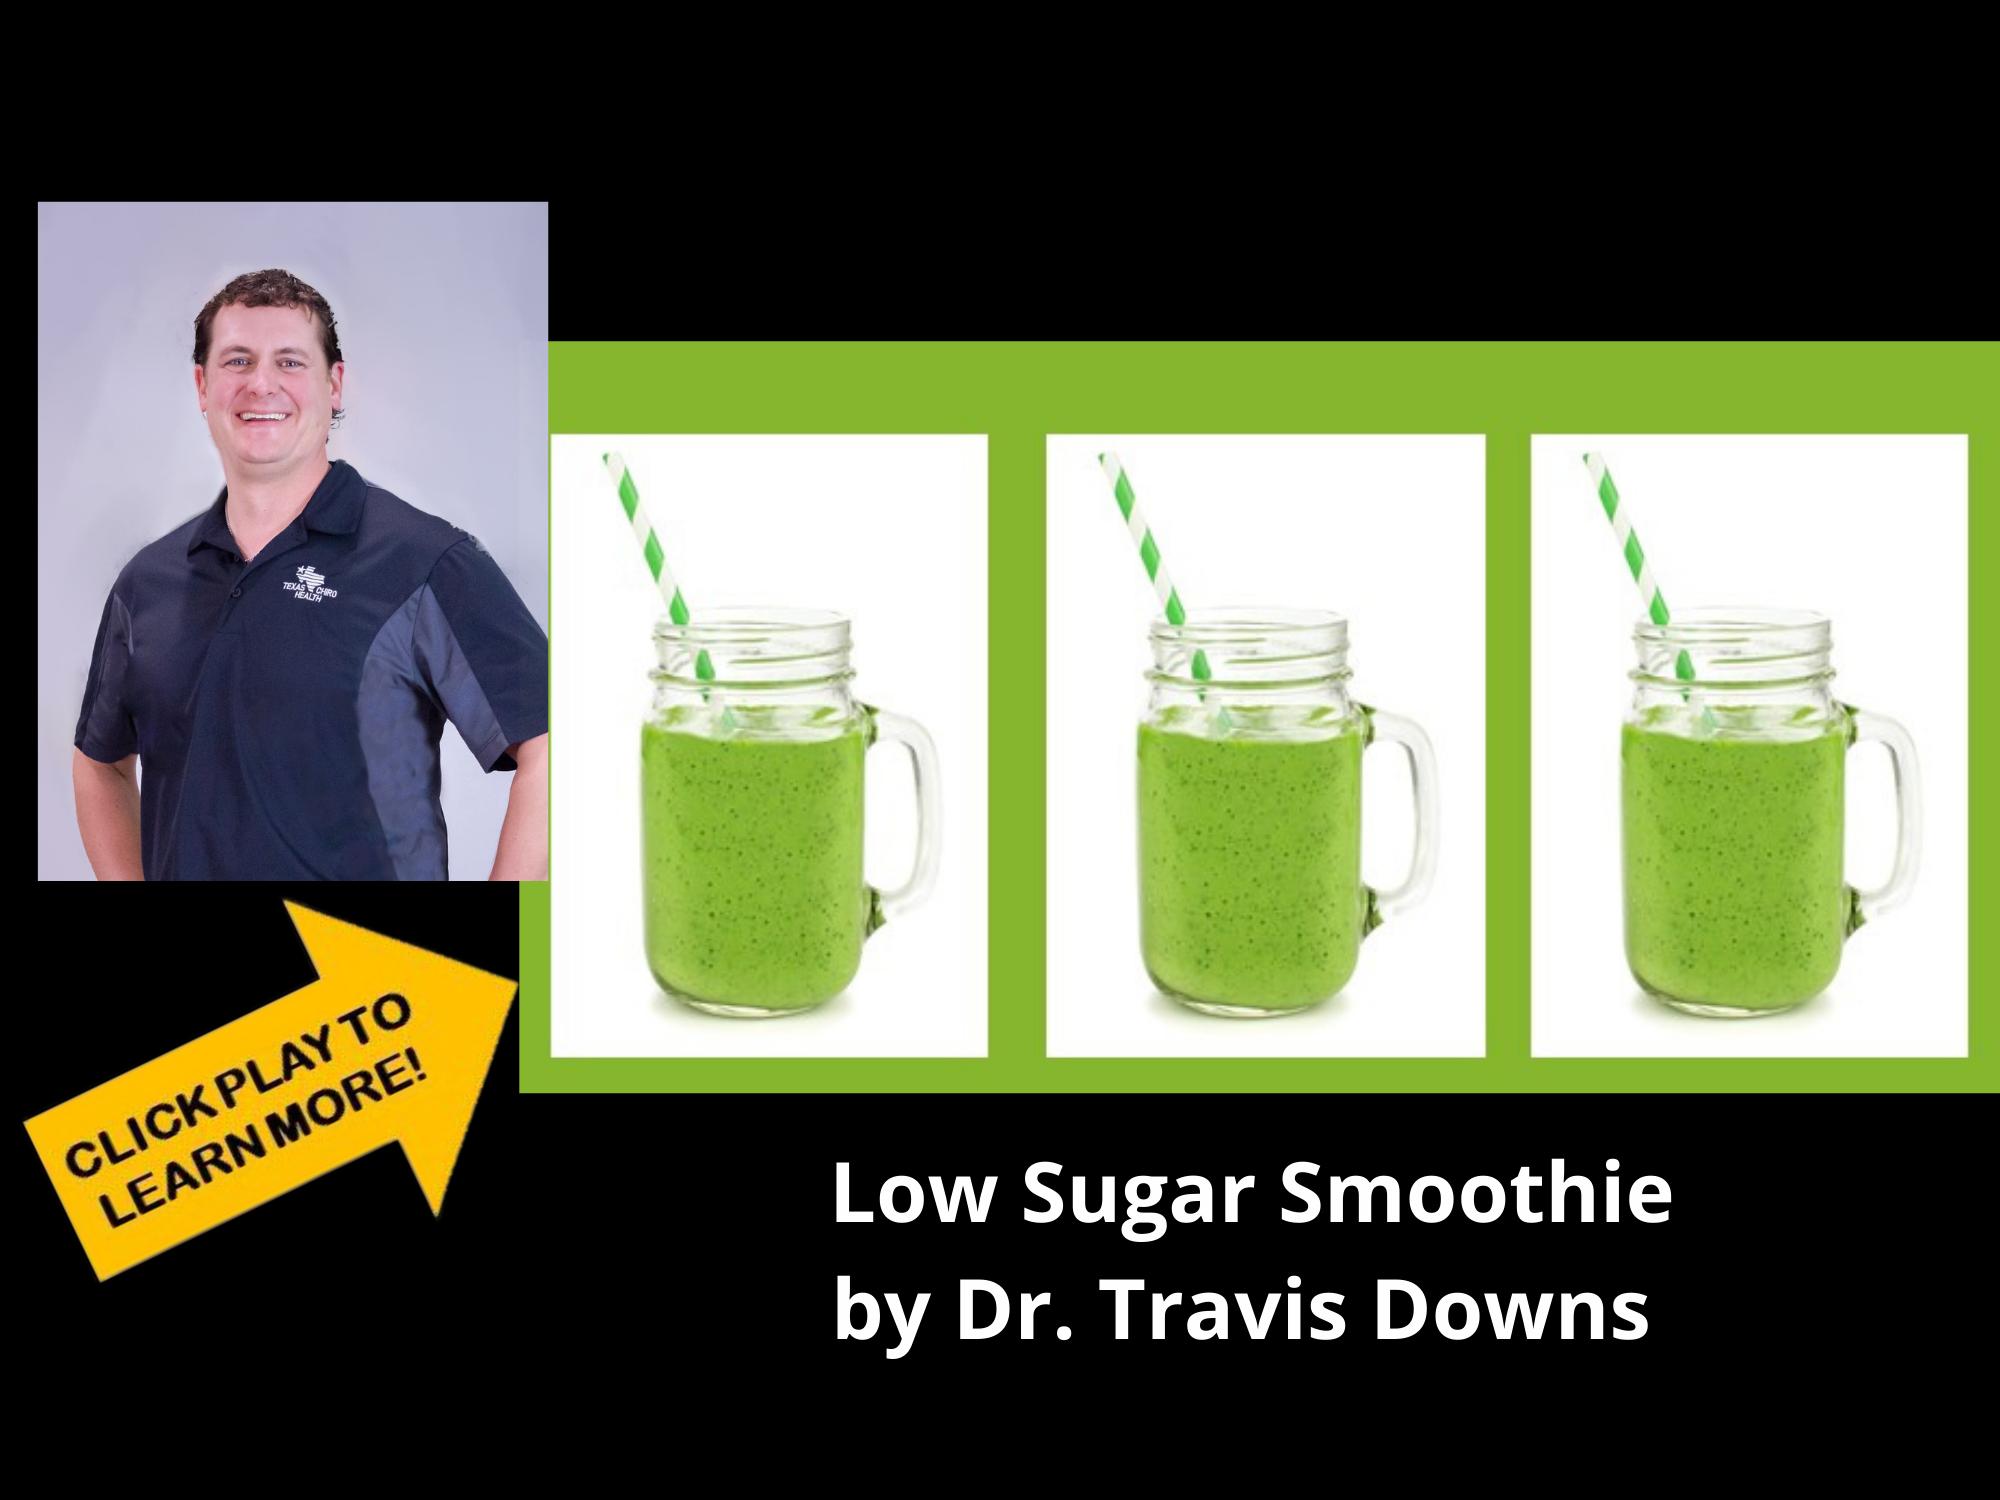 Best Low Sugar Smoothie